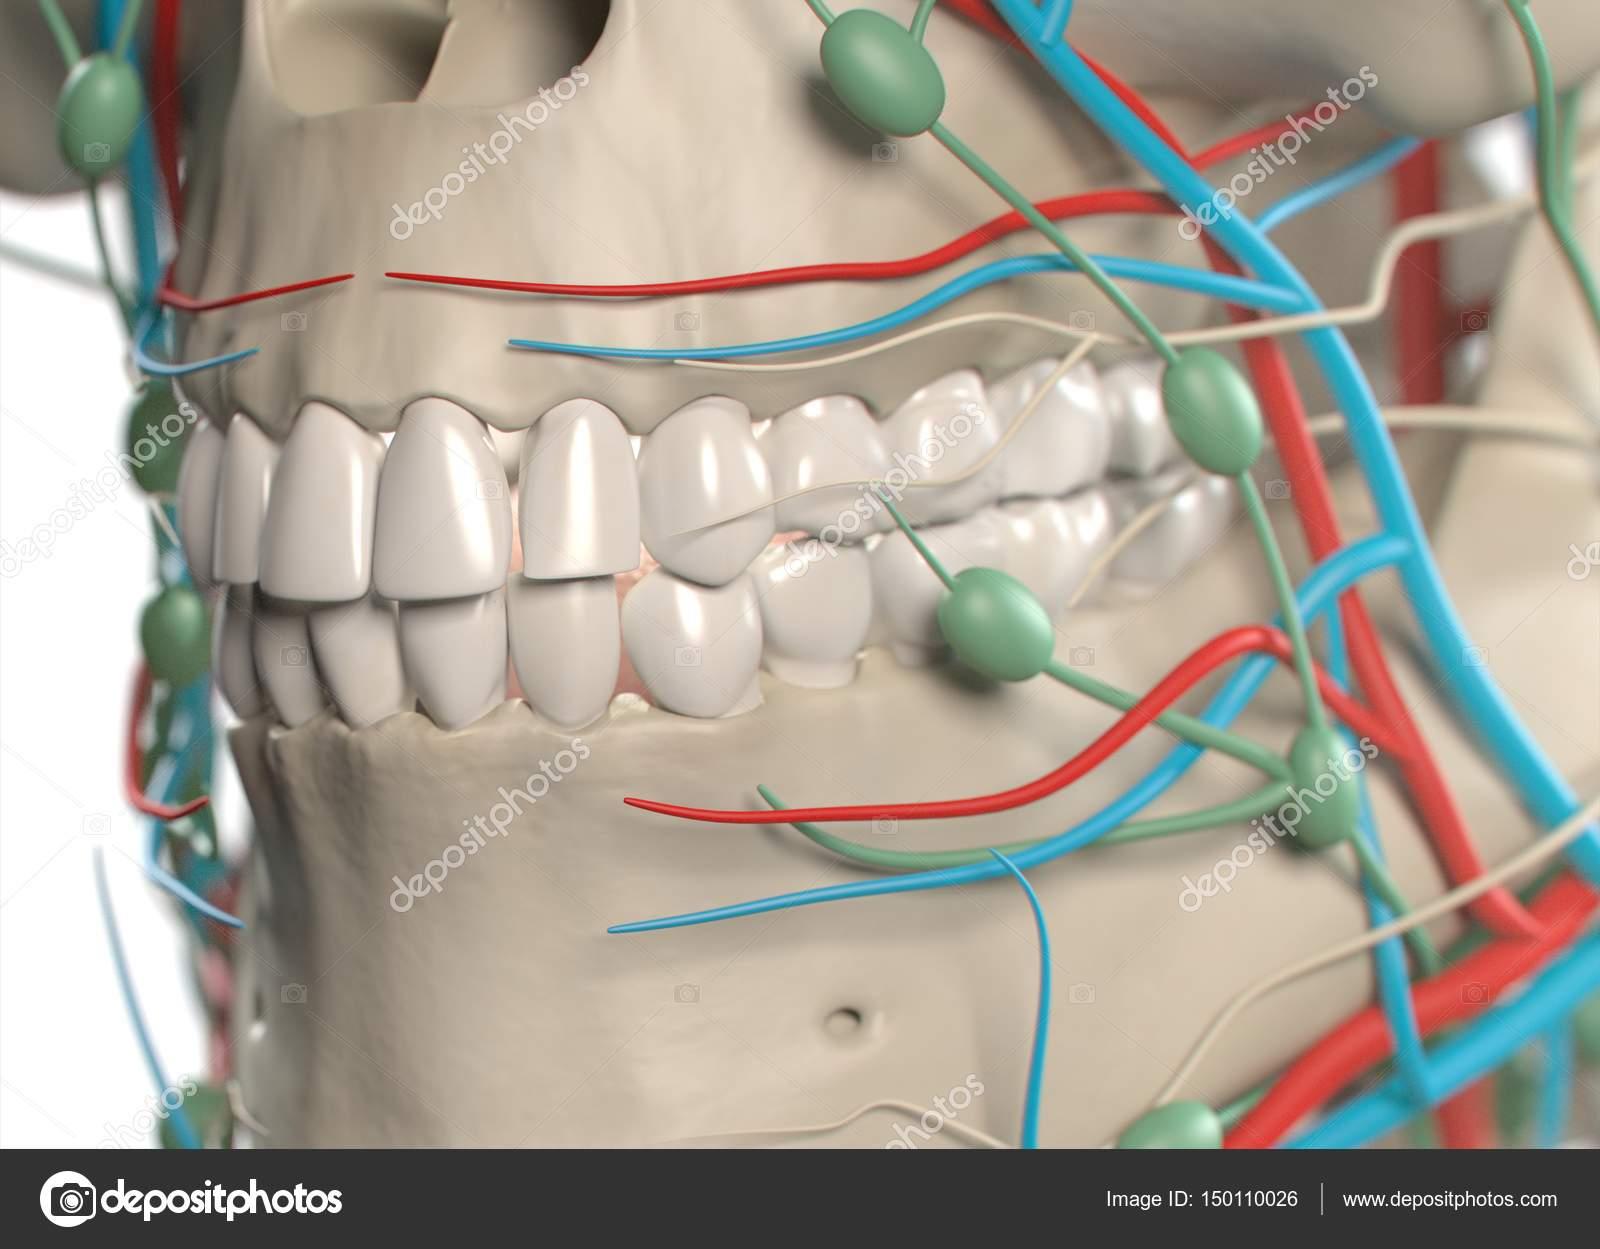 Human Teeth Anatomy Model Stock Photo Anatomyinsider 150110026